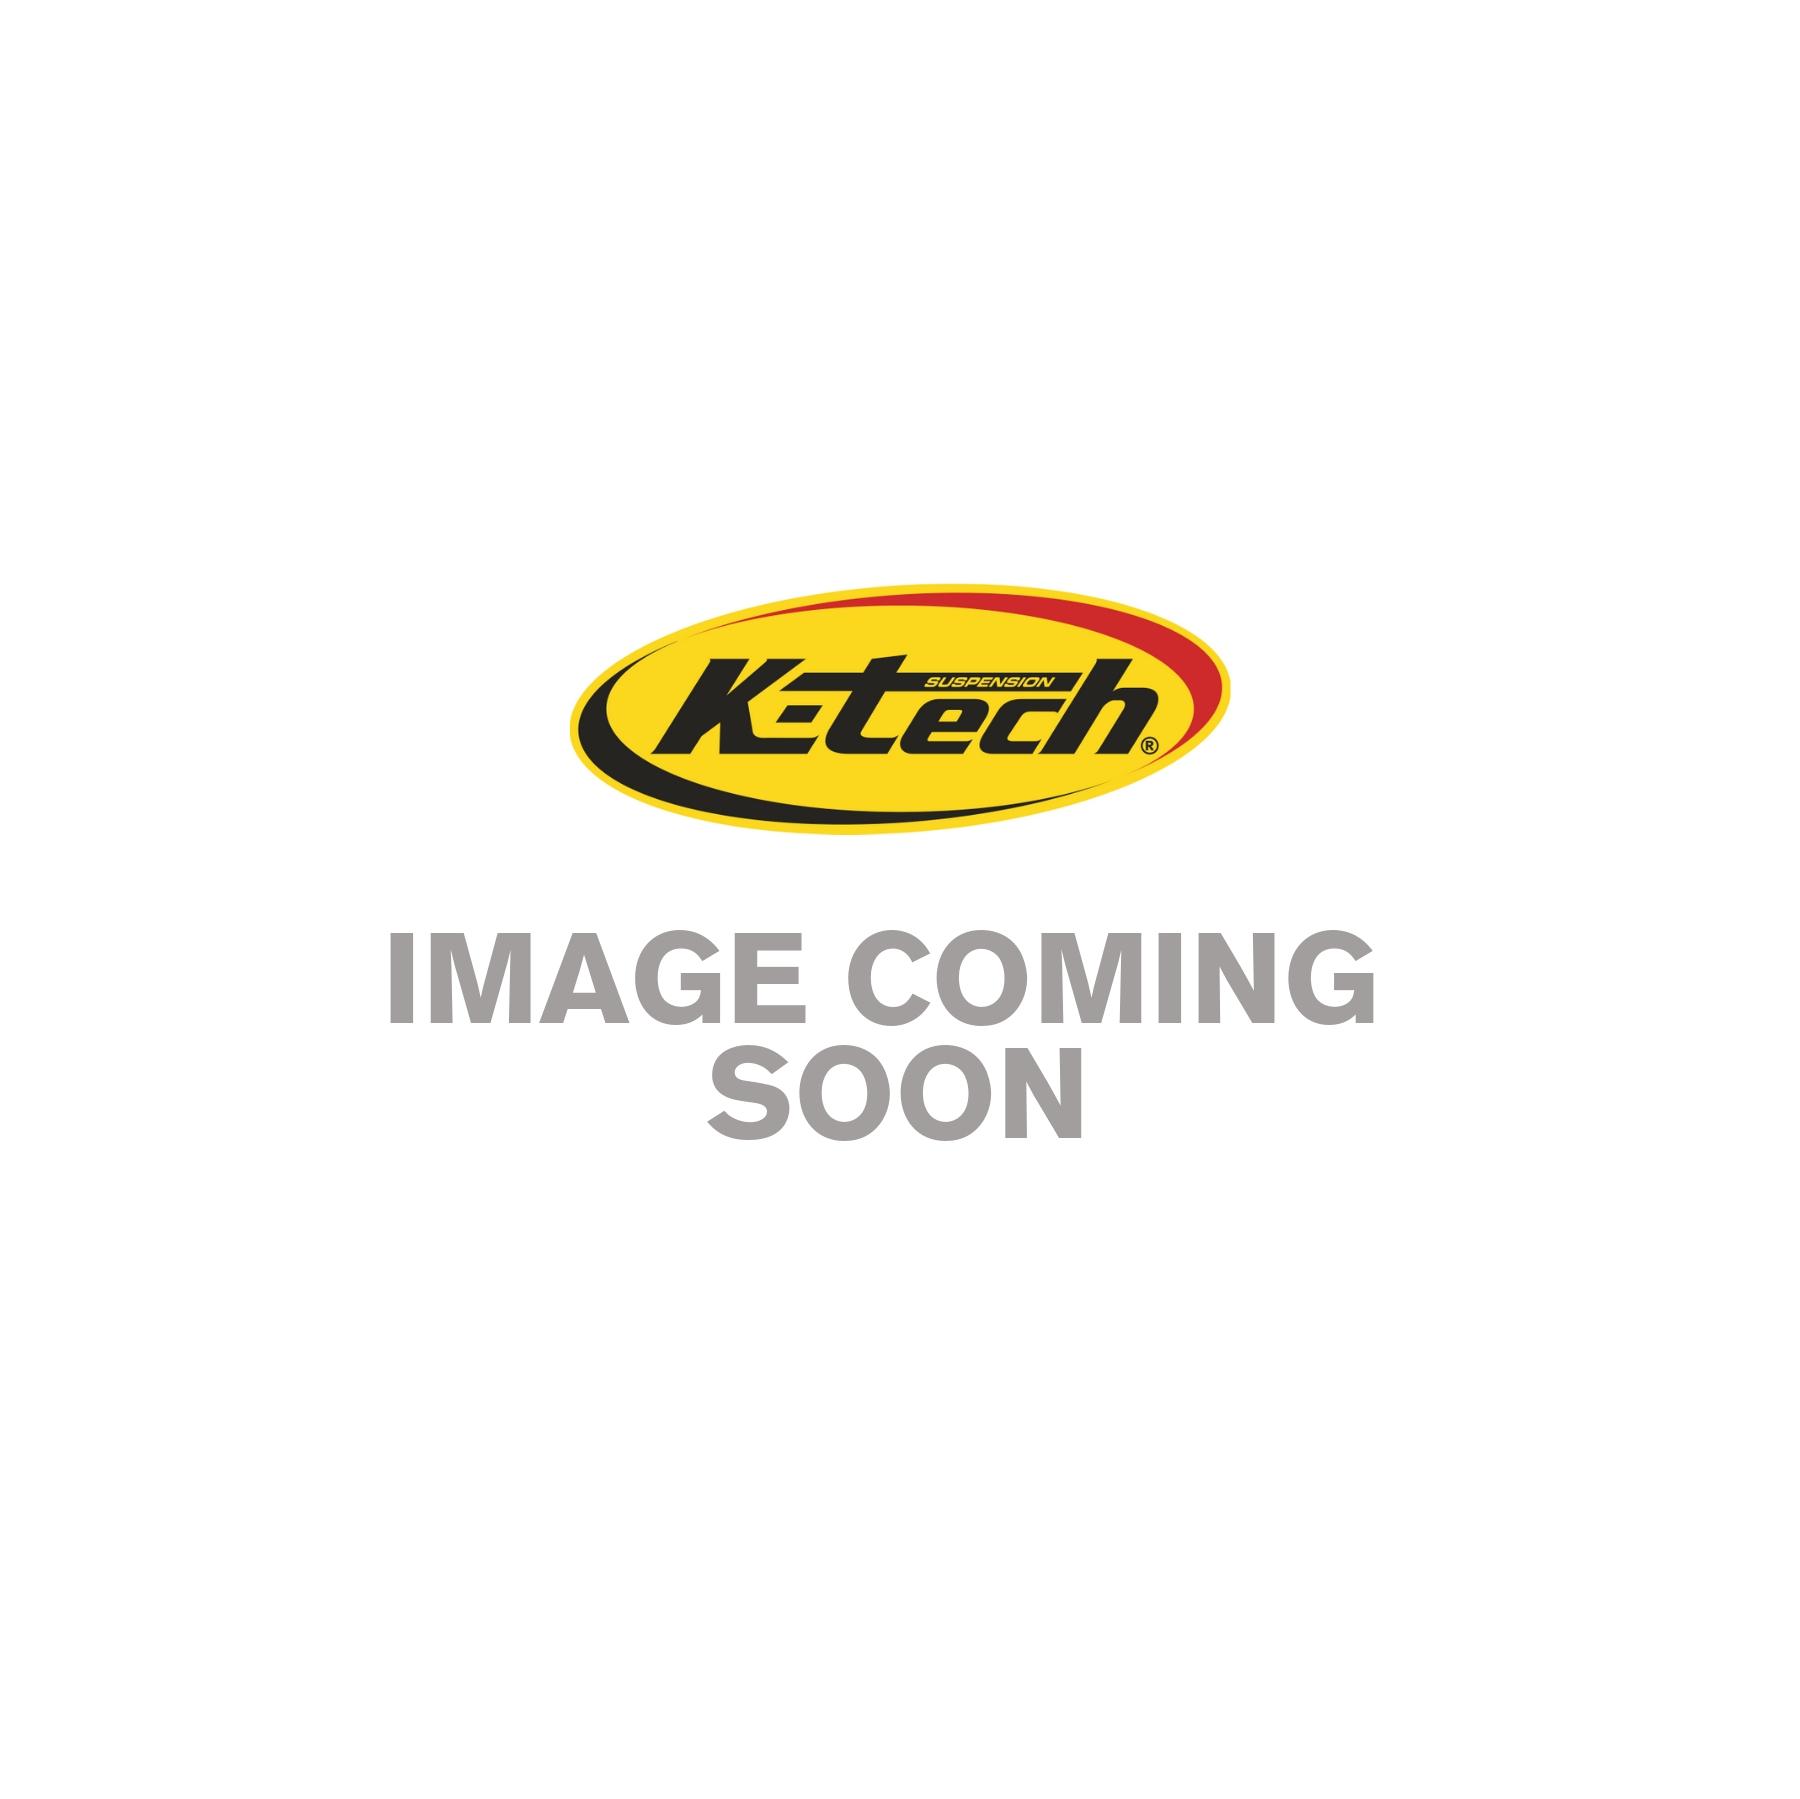 K-Tech Cap